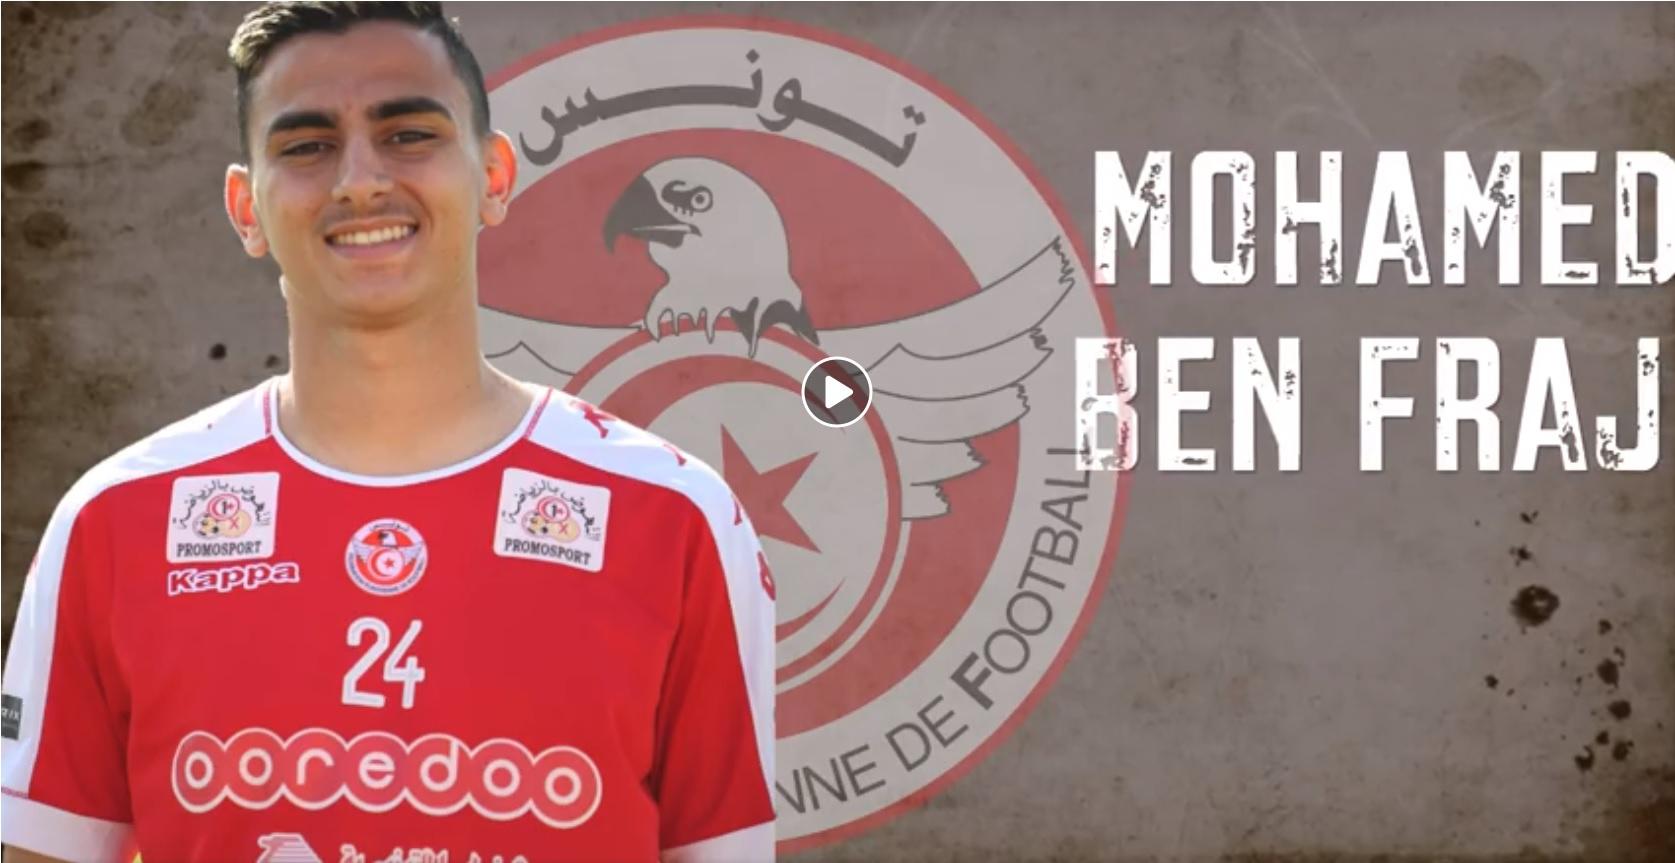 محمد بن فرج لاعب أولمبيك مرسيليا يتحدث لموقع الجامعة - الجامعة التونسية  لكرة القدم